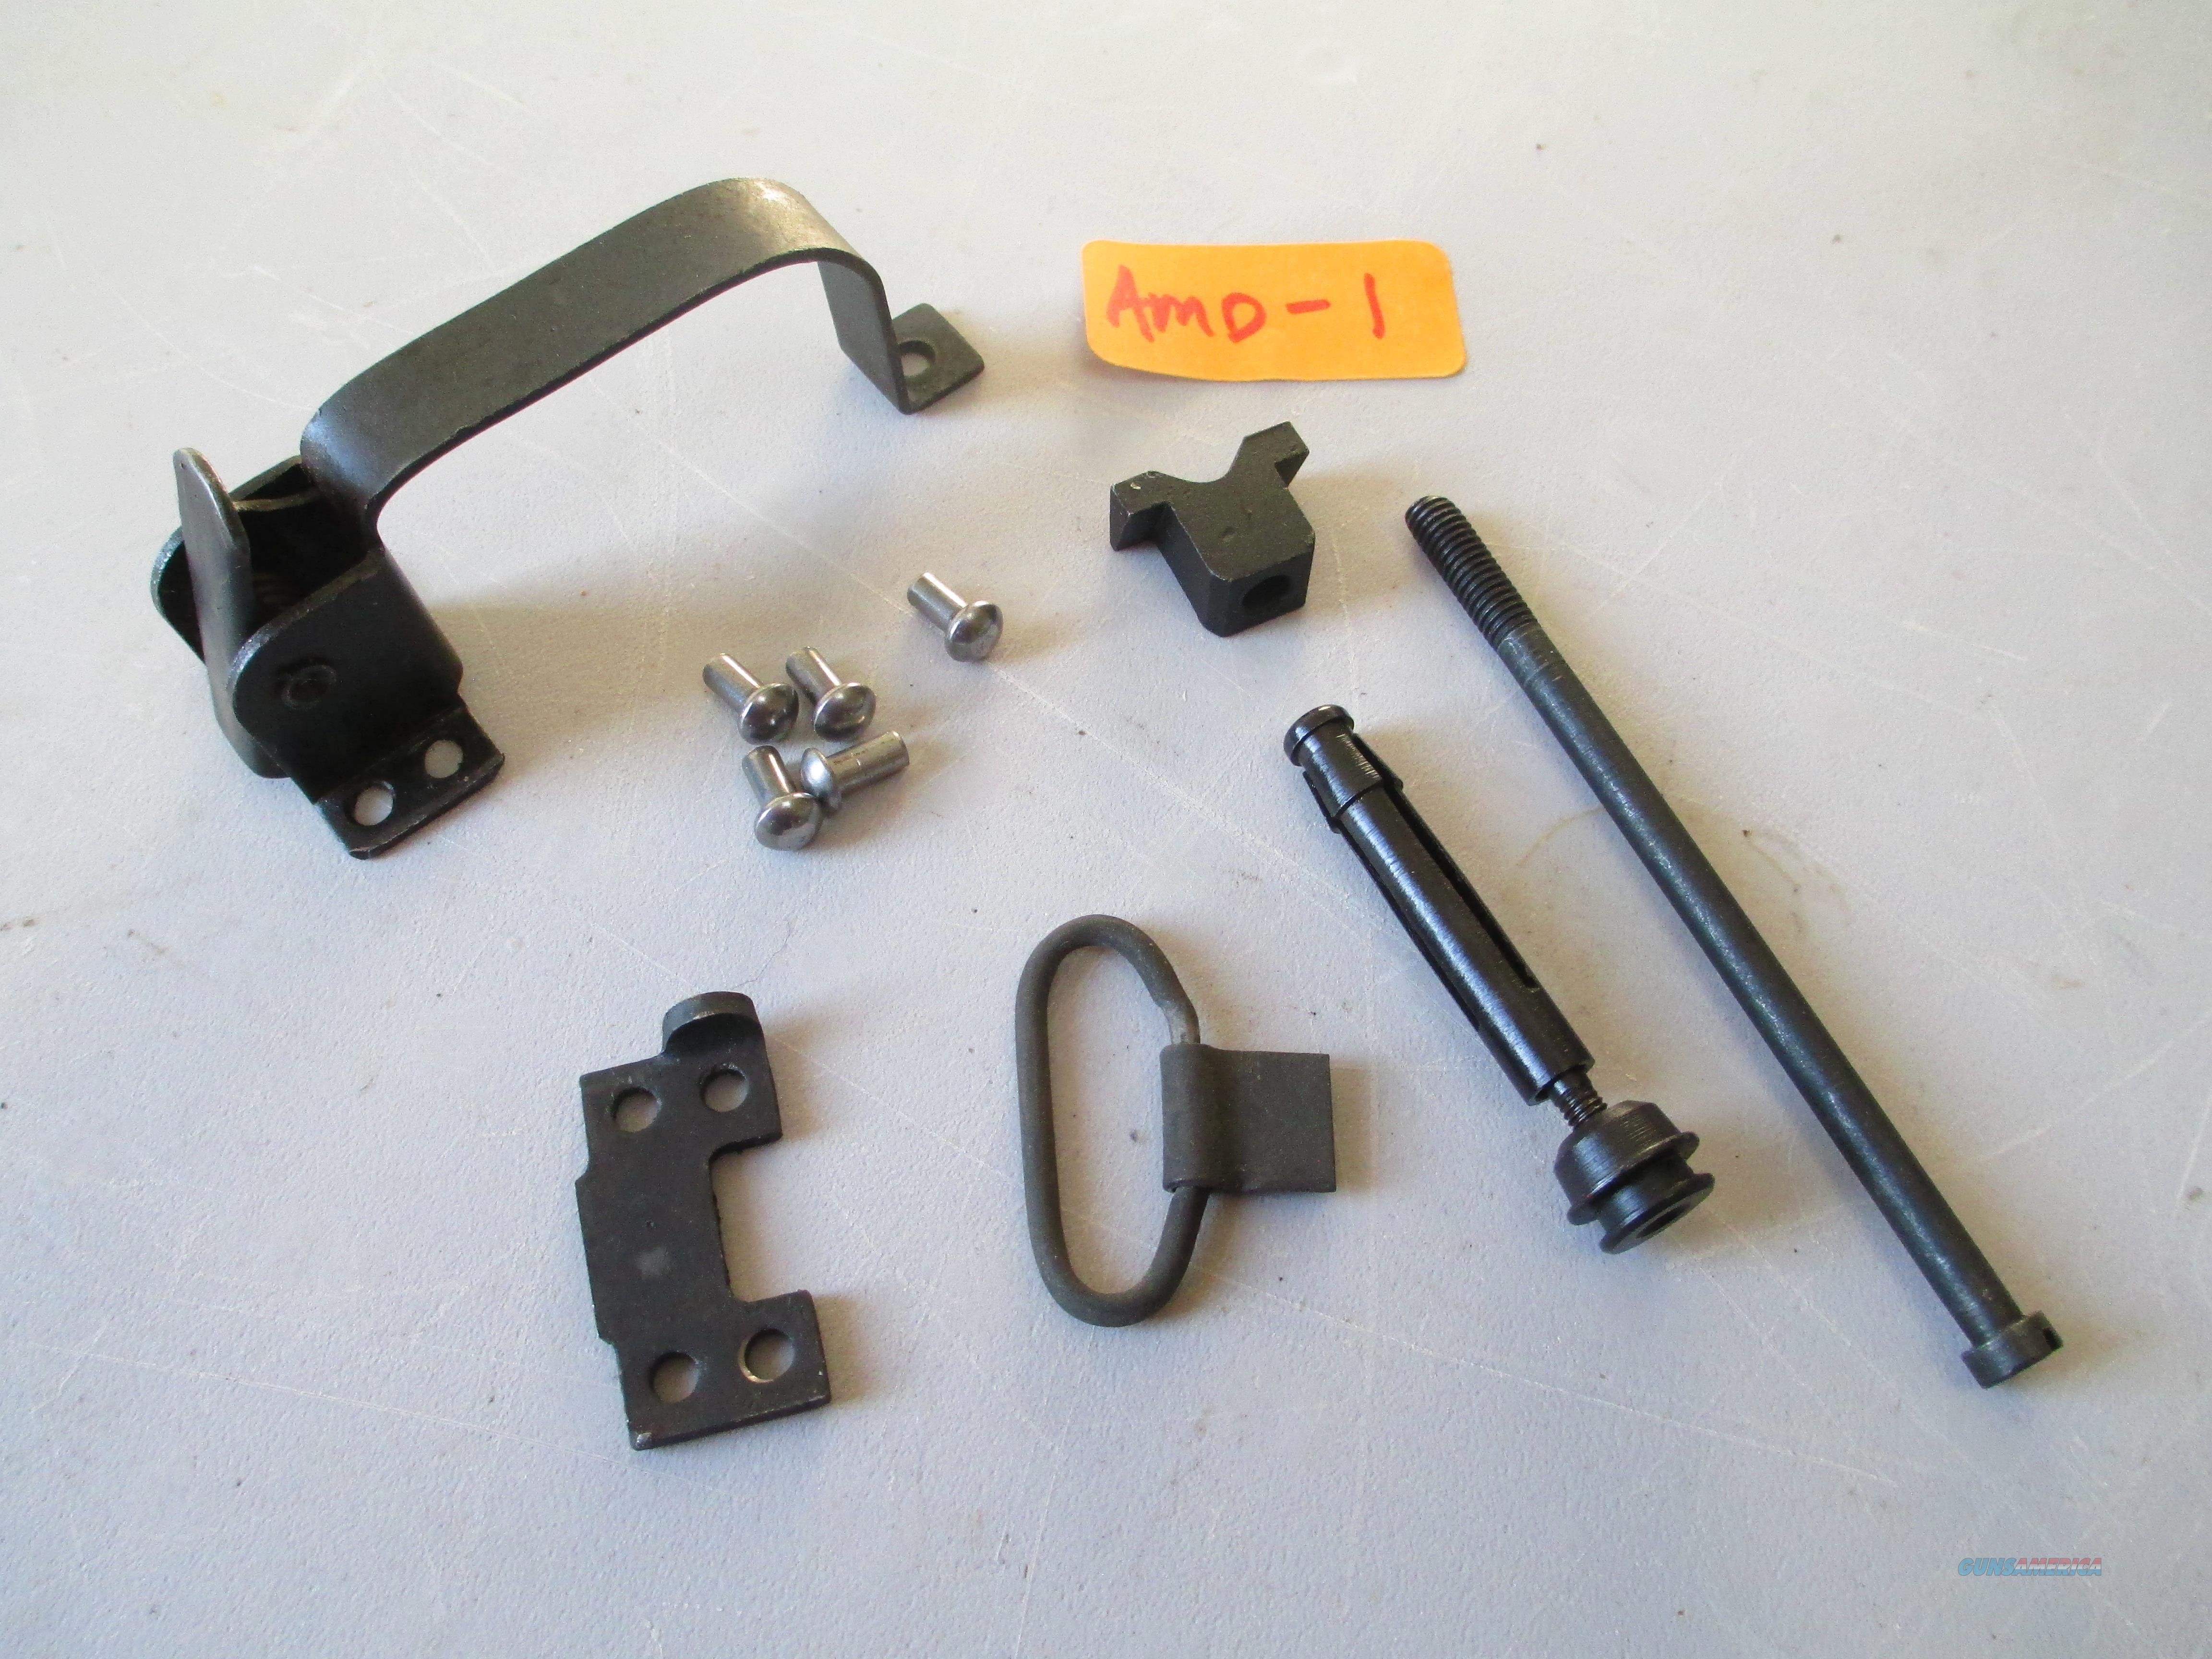 AMD65 AK ASSORTED PARTS  Non-Guns > Gun Parts > Military - Foreign